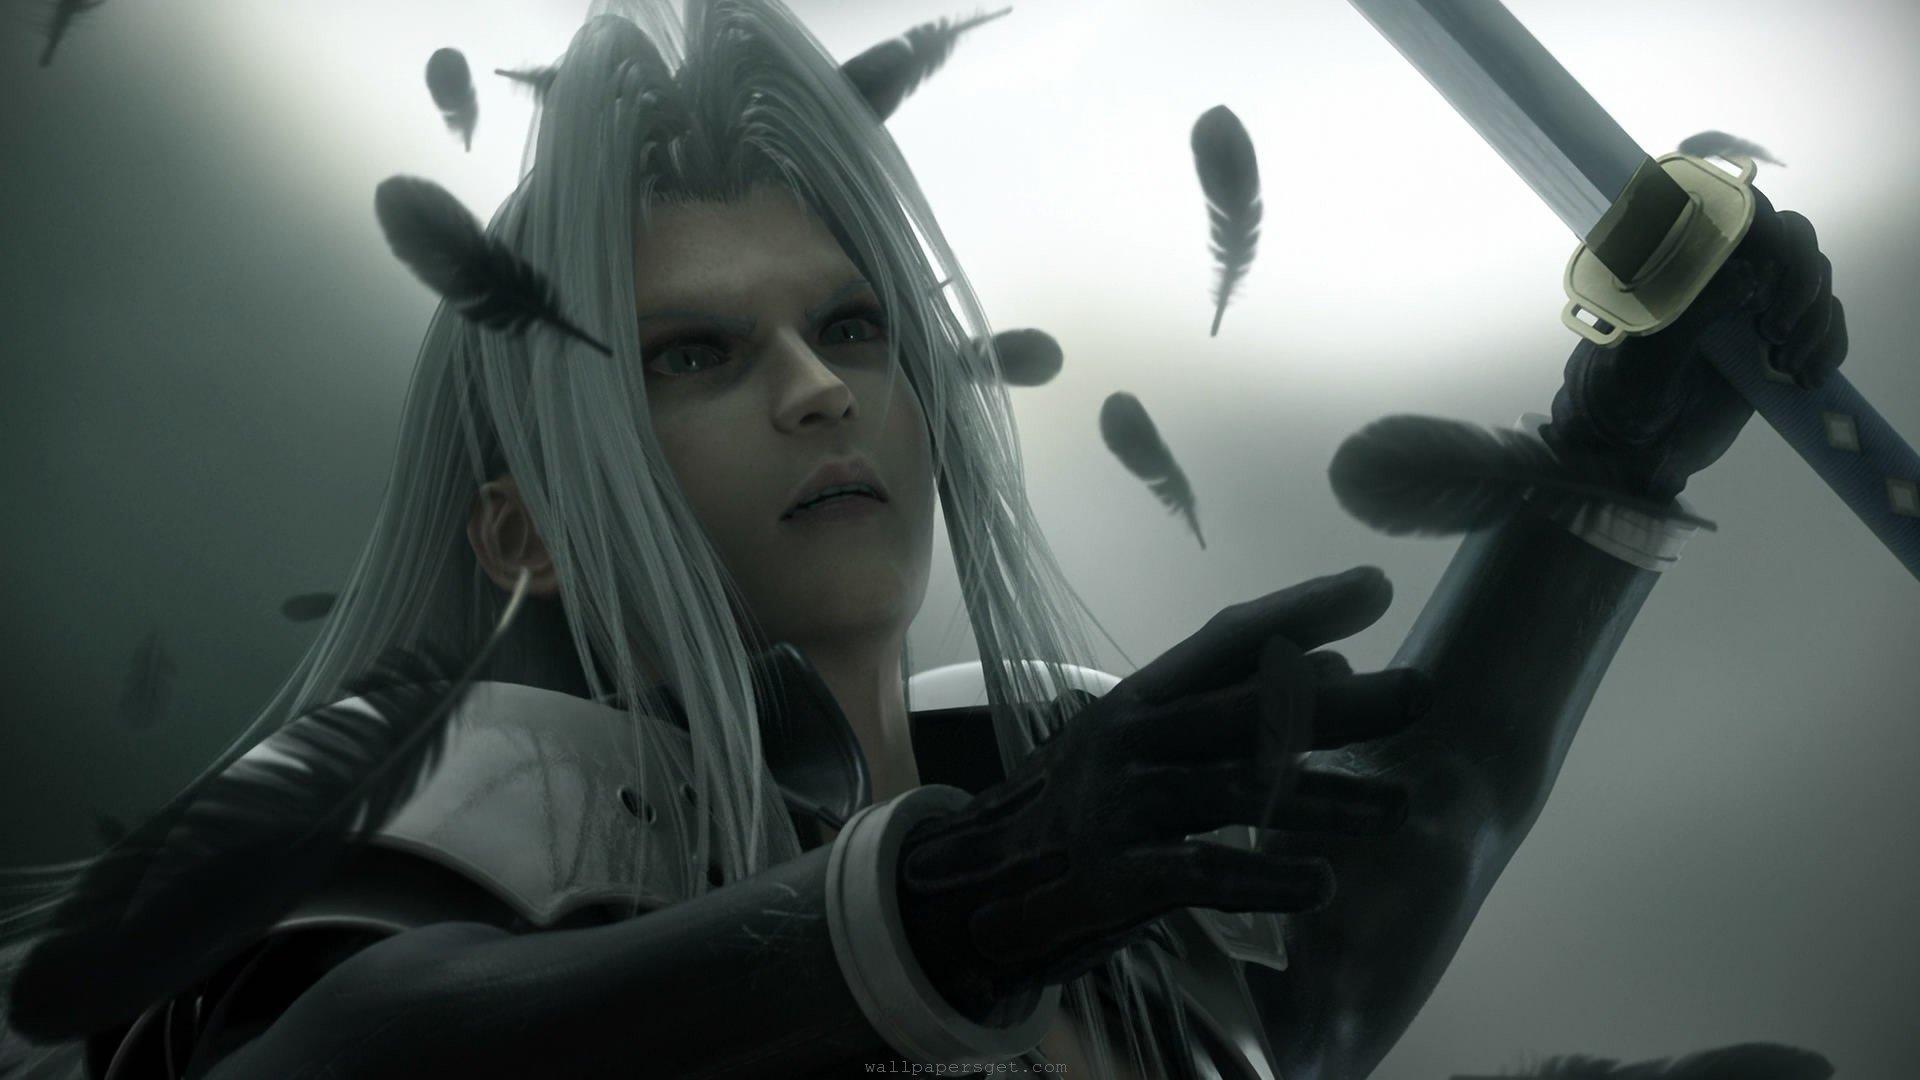 O mükemmel karizmanın altında bi o kadar kötülük barındıran bu karakter?